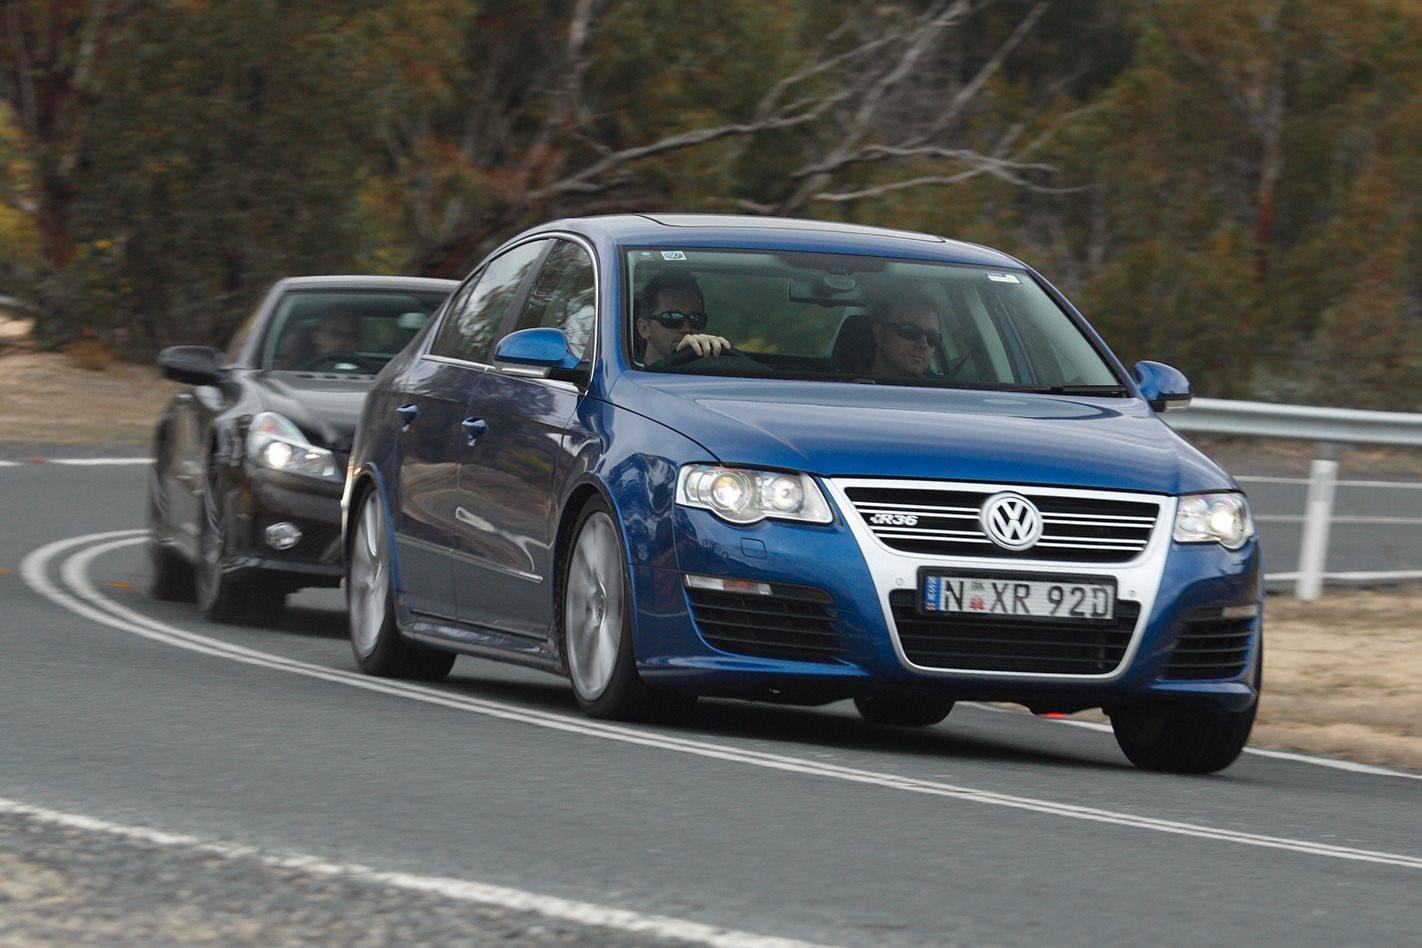 2008-Volkswagen-Passat-R36-front.jpg